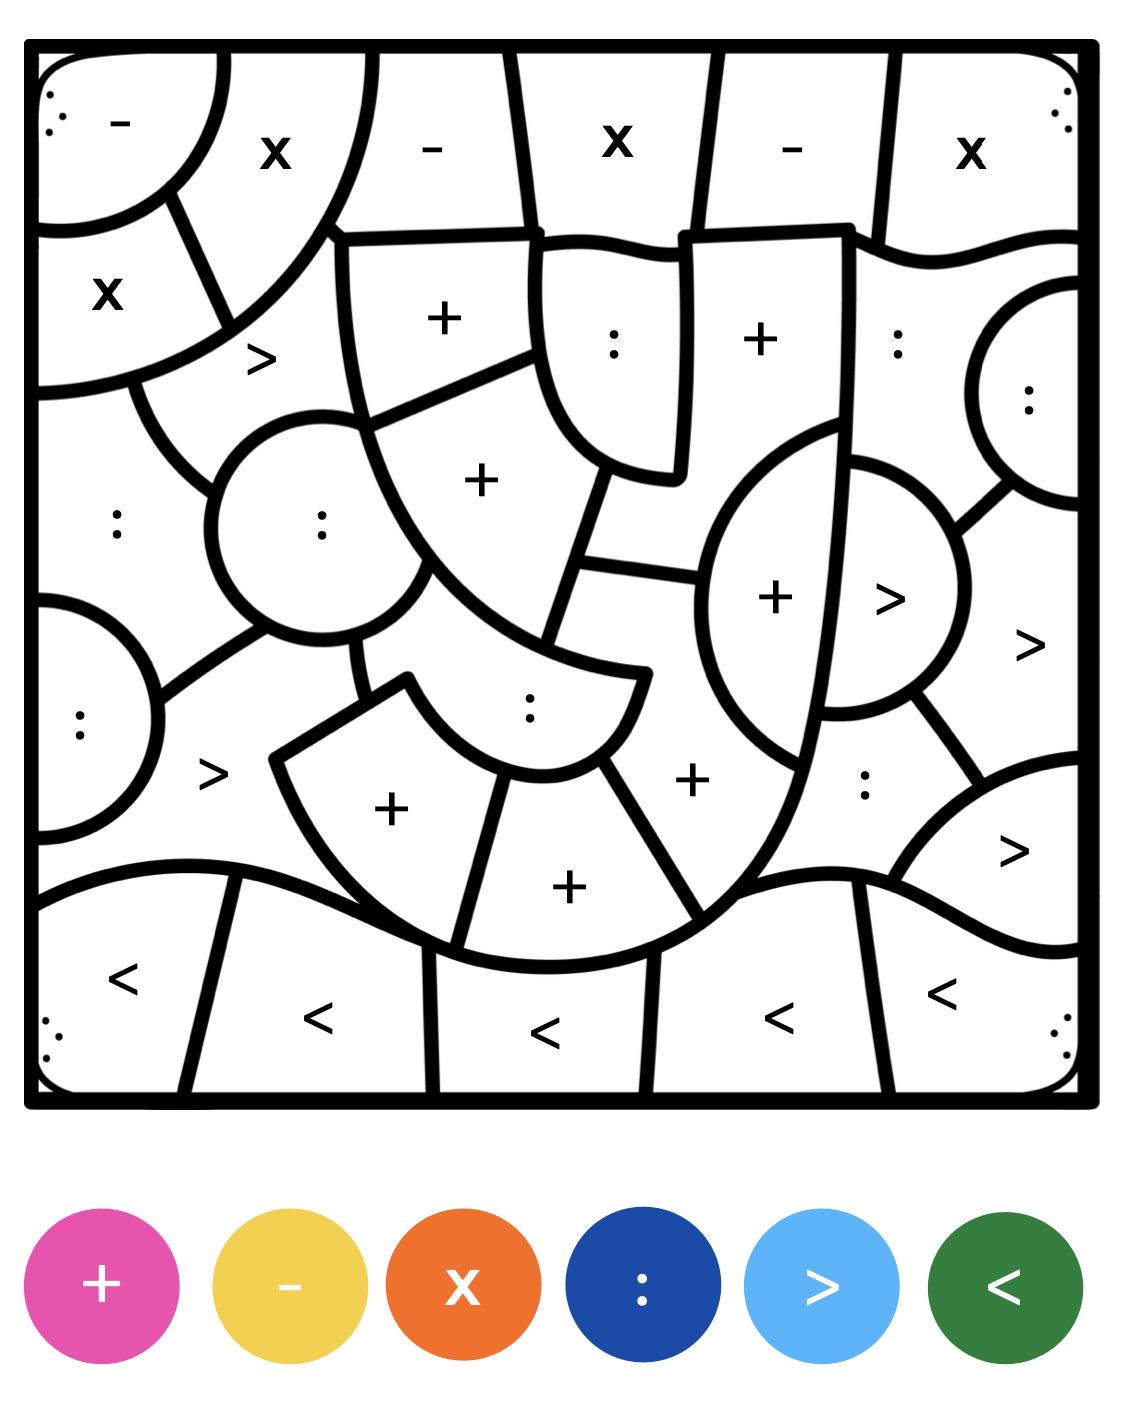 Kleuren op code letters